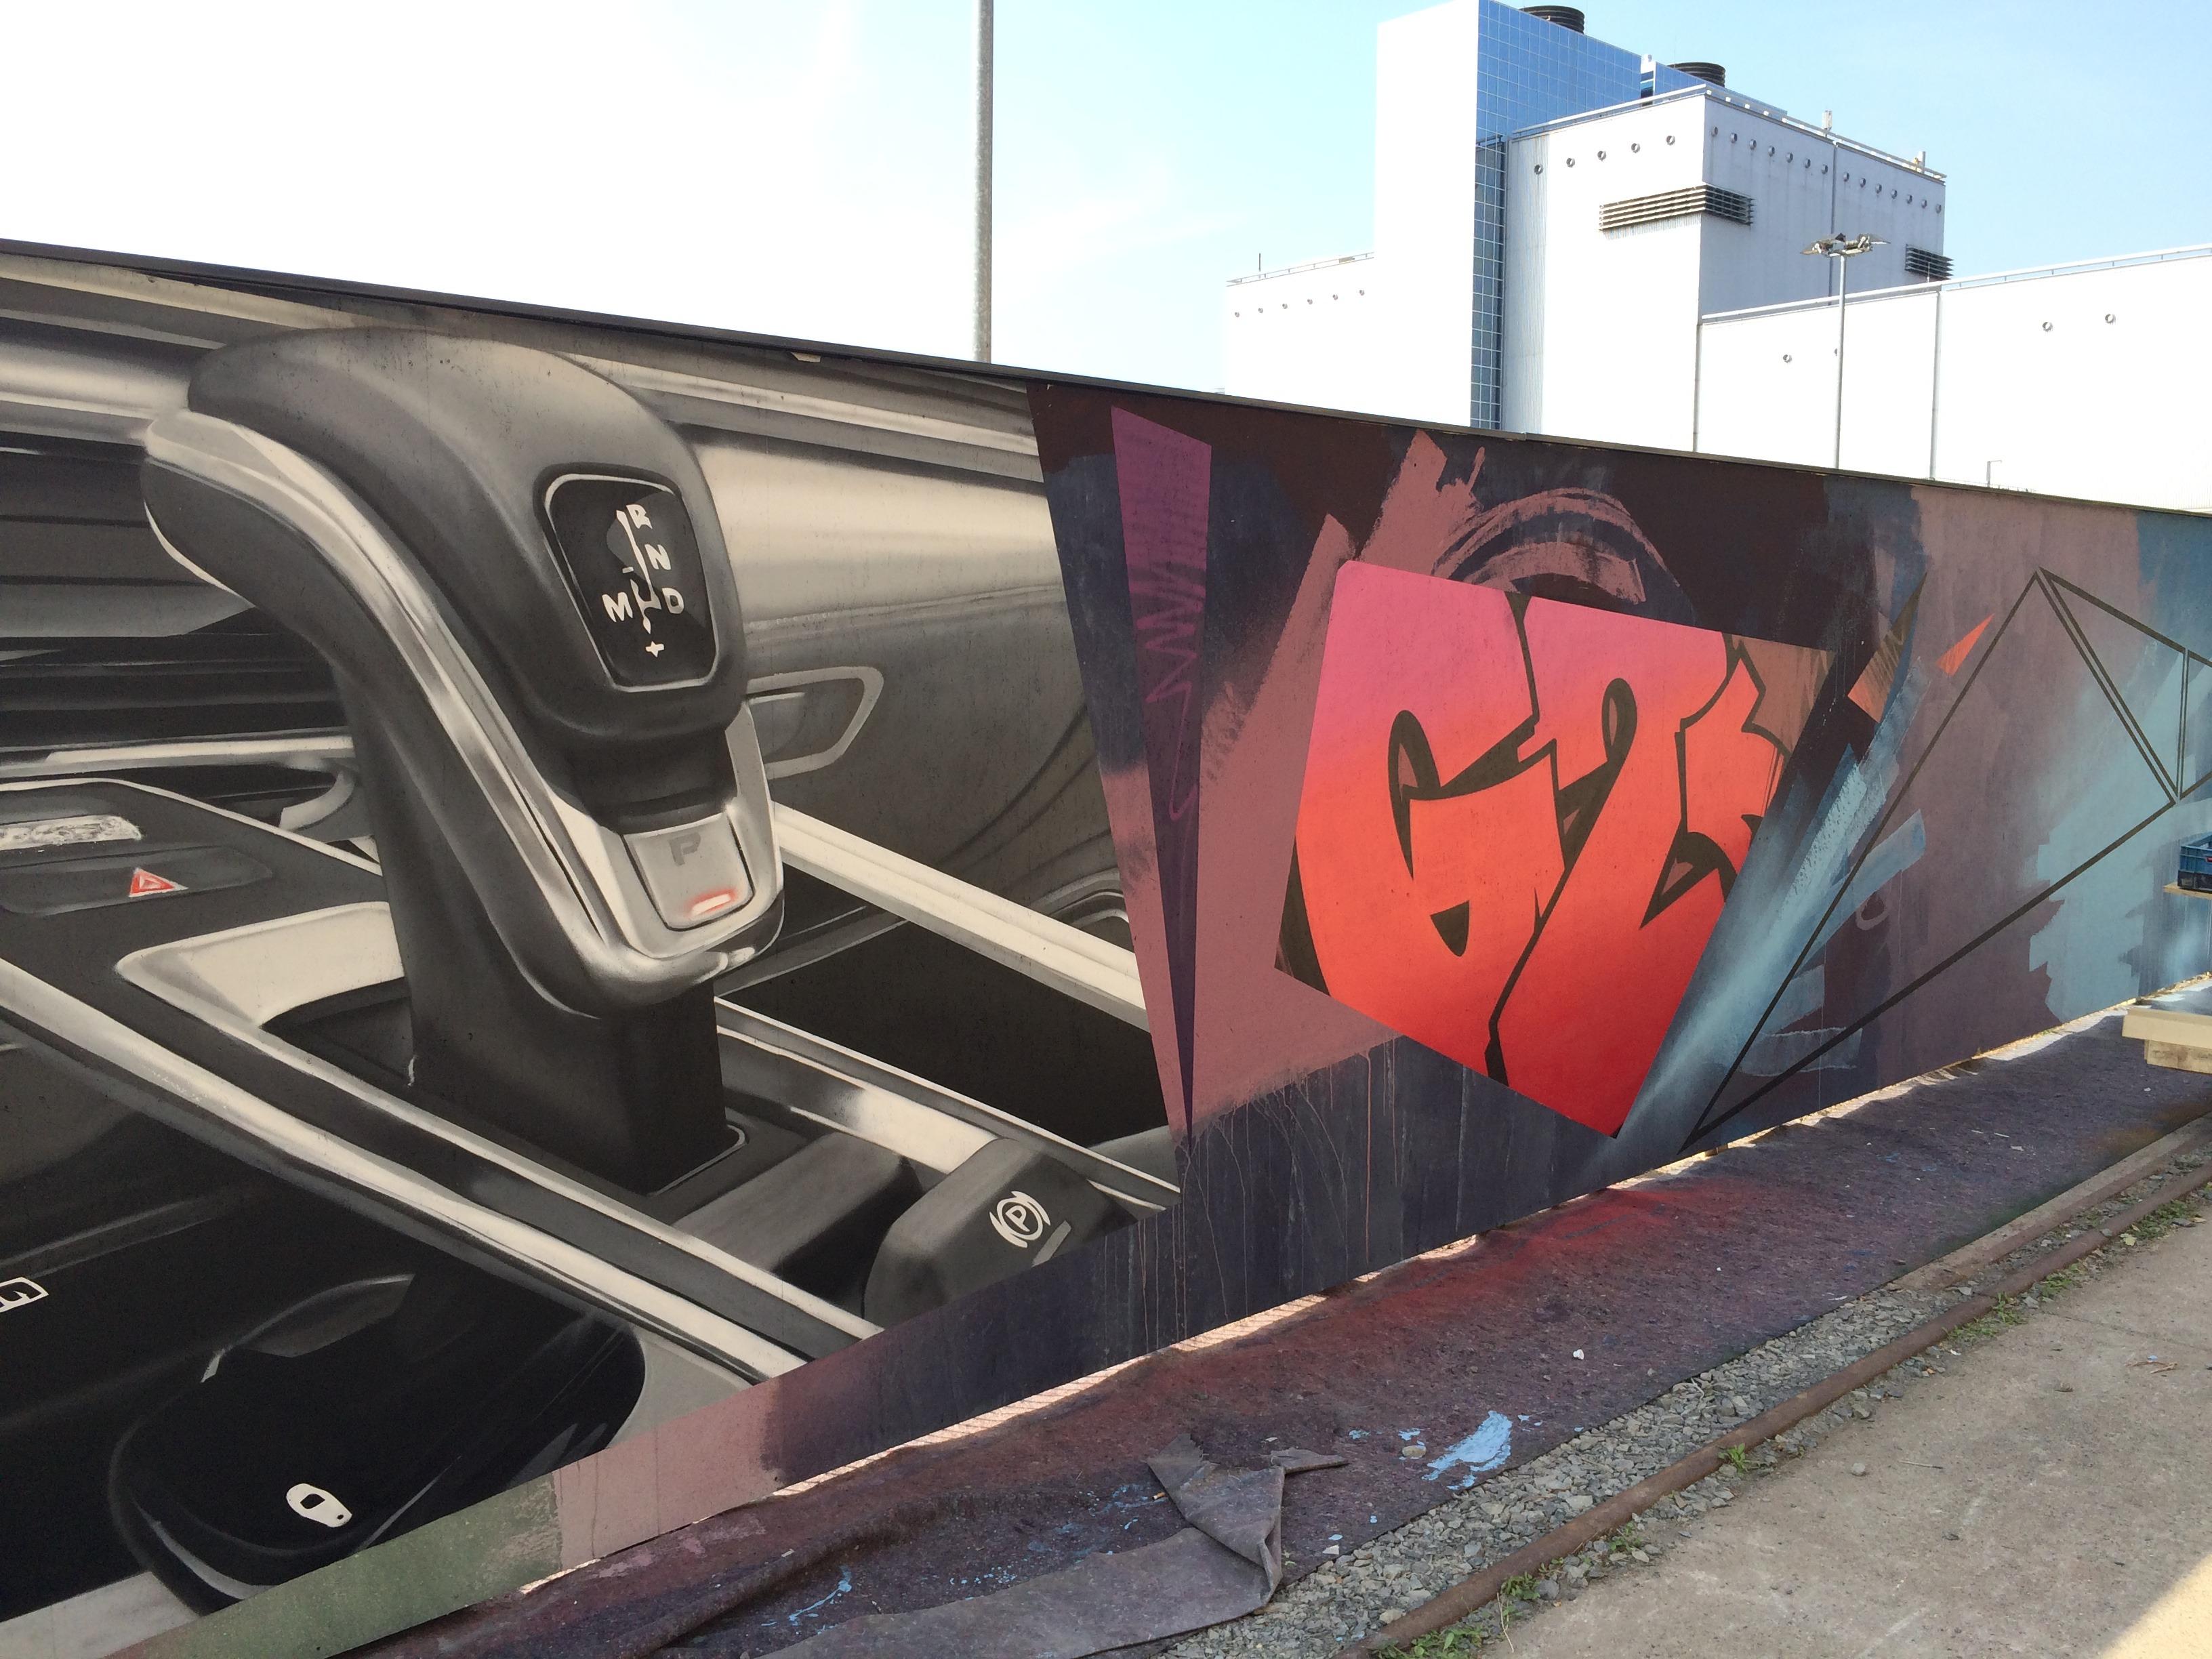 Graffitikuenstler, Graffitiauftrag, Artmos4, Porsche, Graffiti, Fotorealistisch